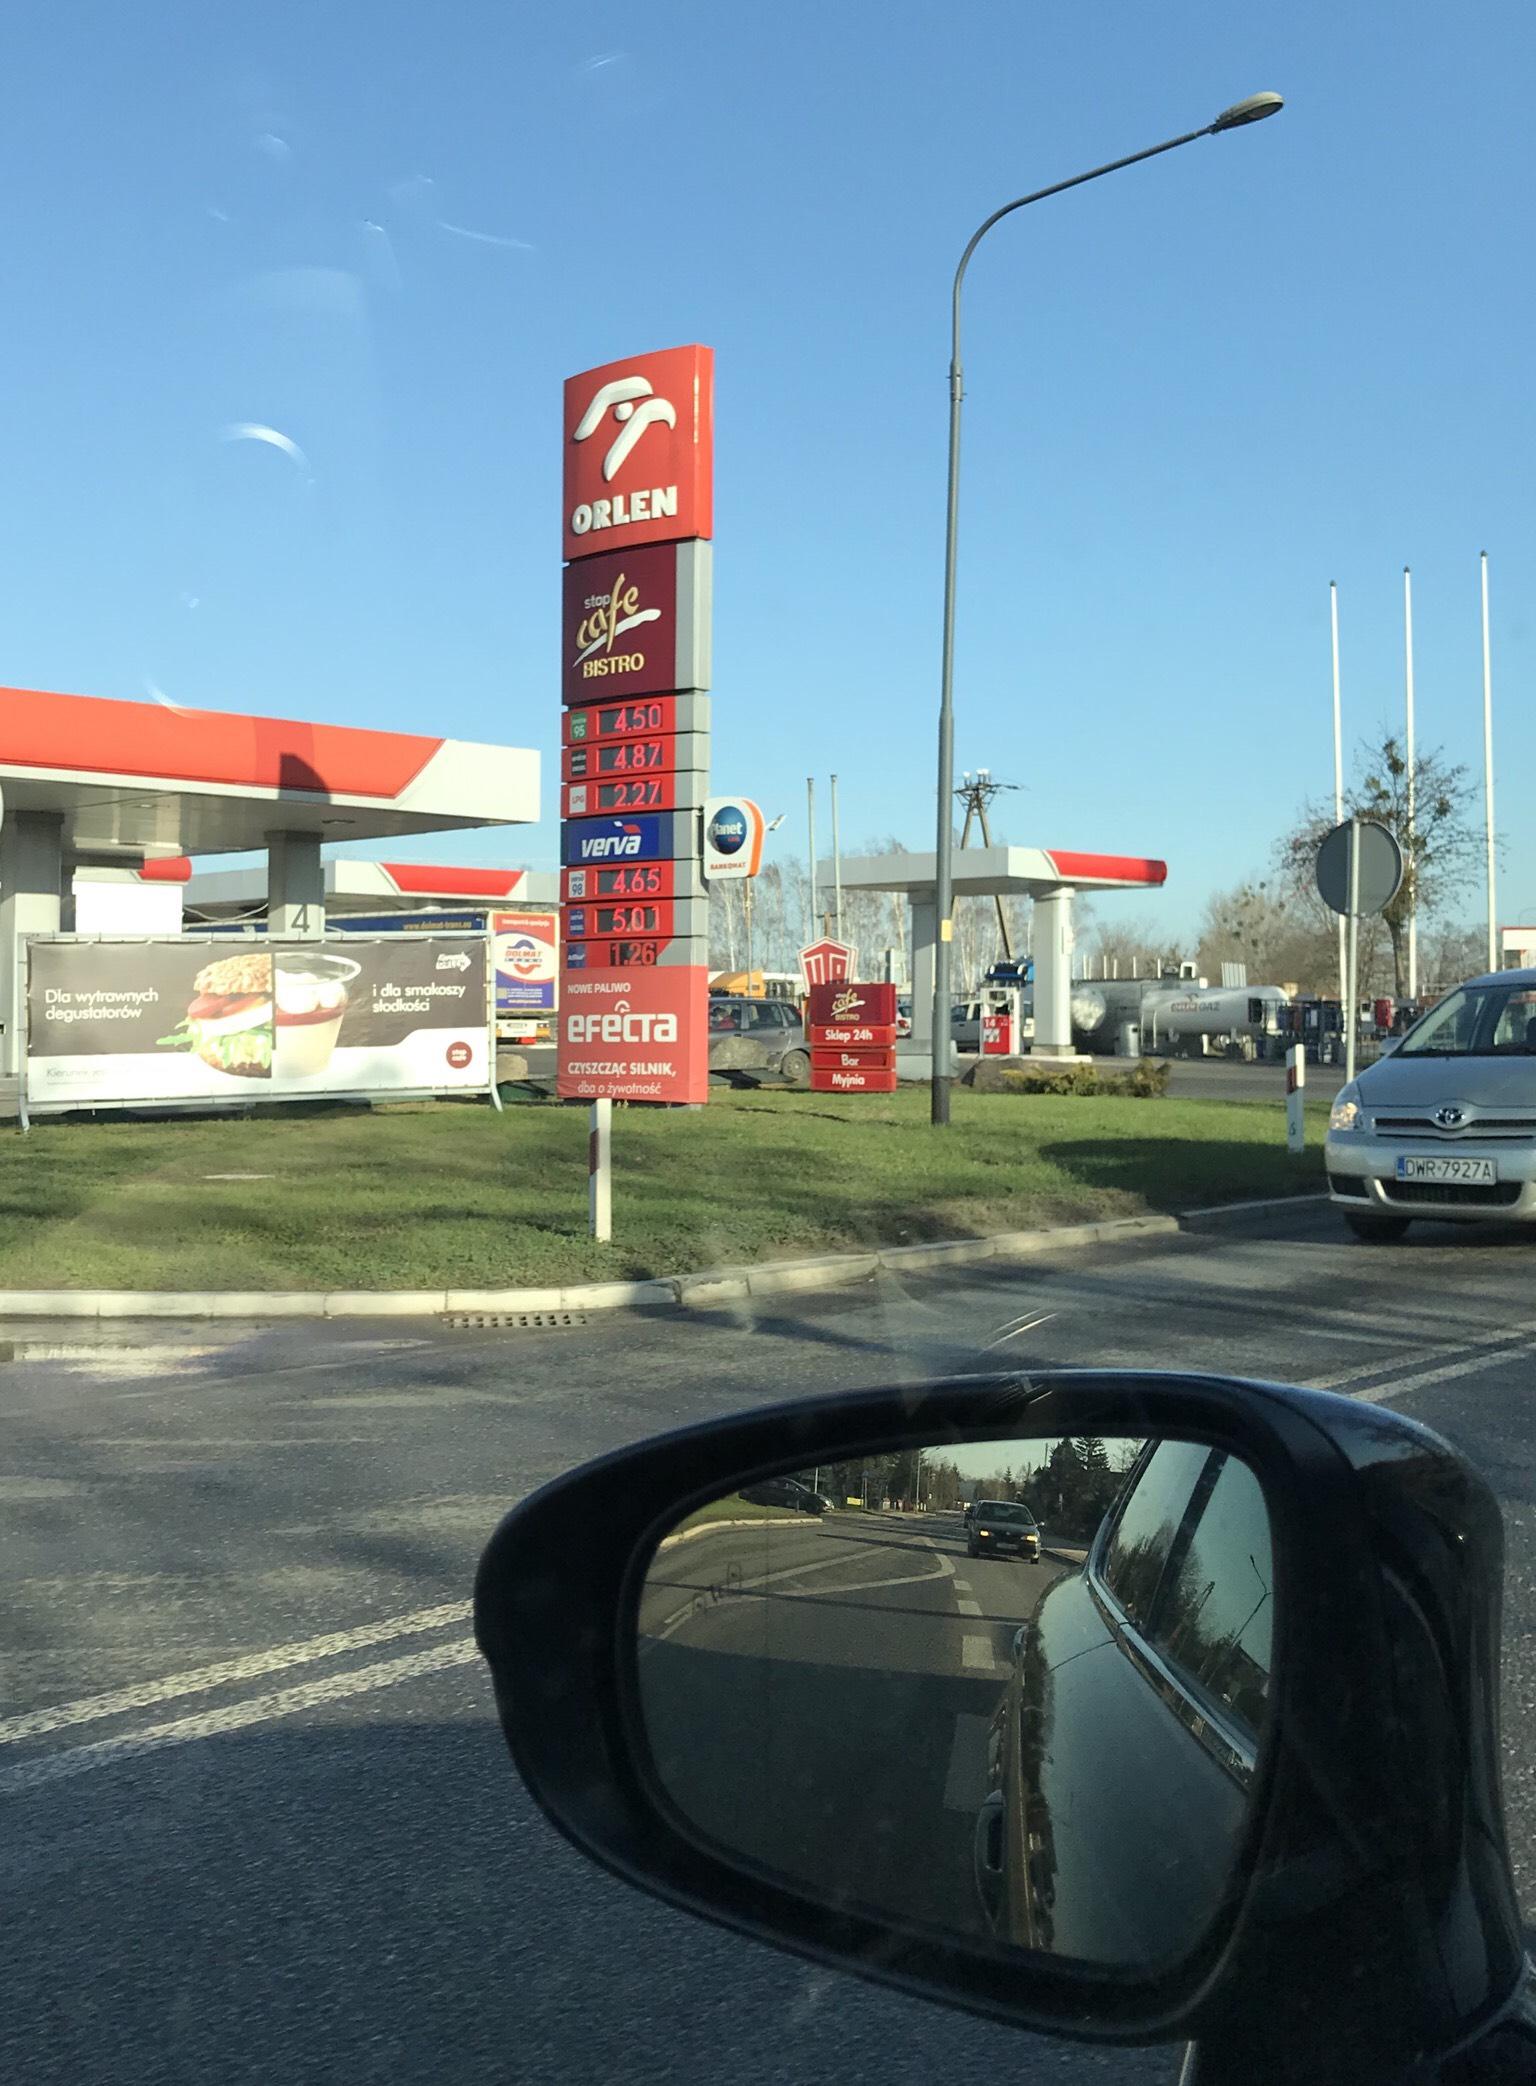 Tania benzyna w Jelcz-Laskowice